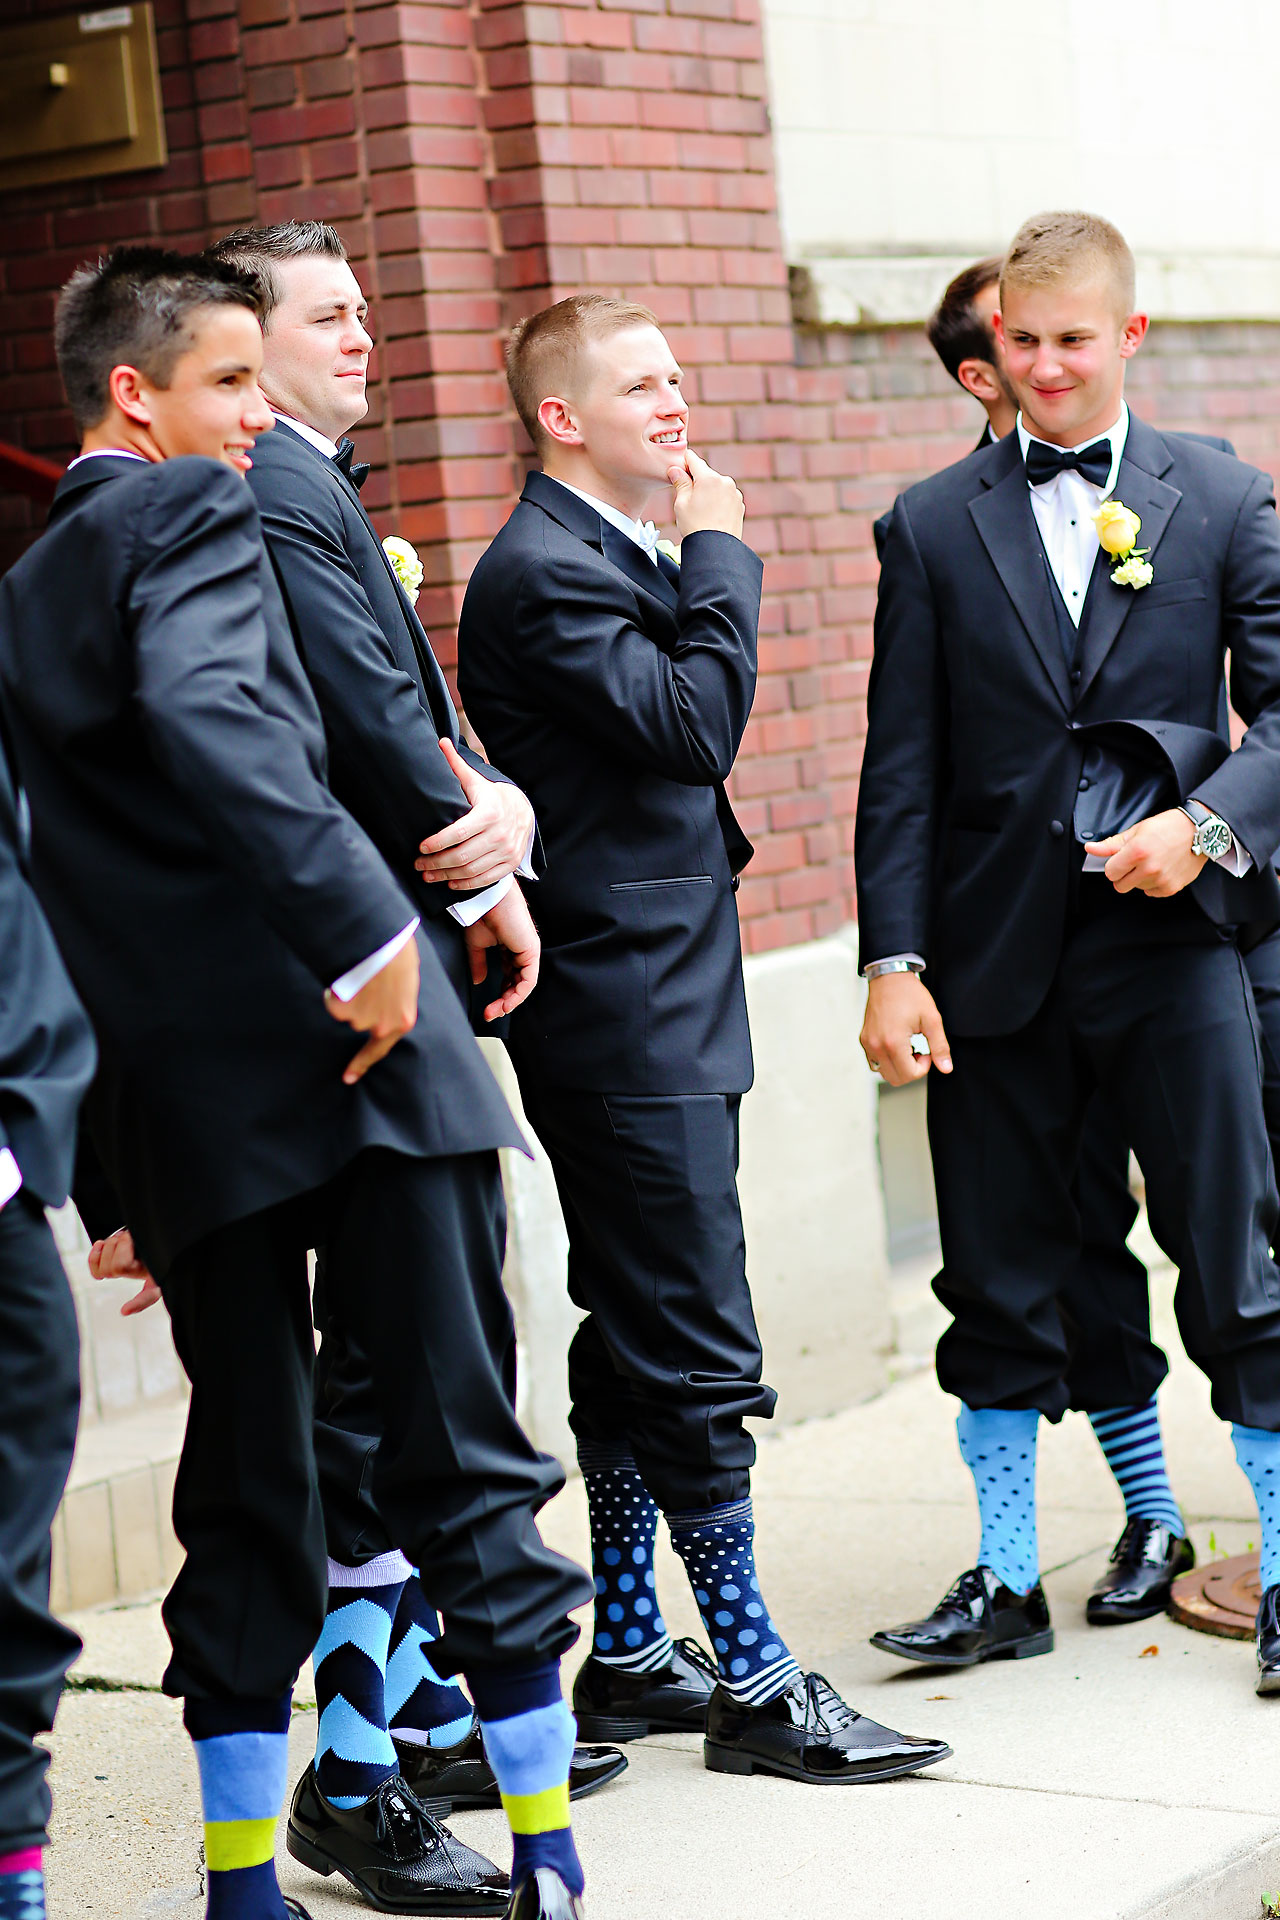 allie craig scottish rite wedding 129